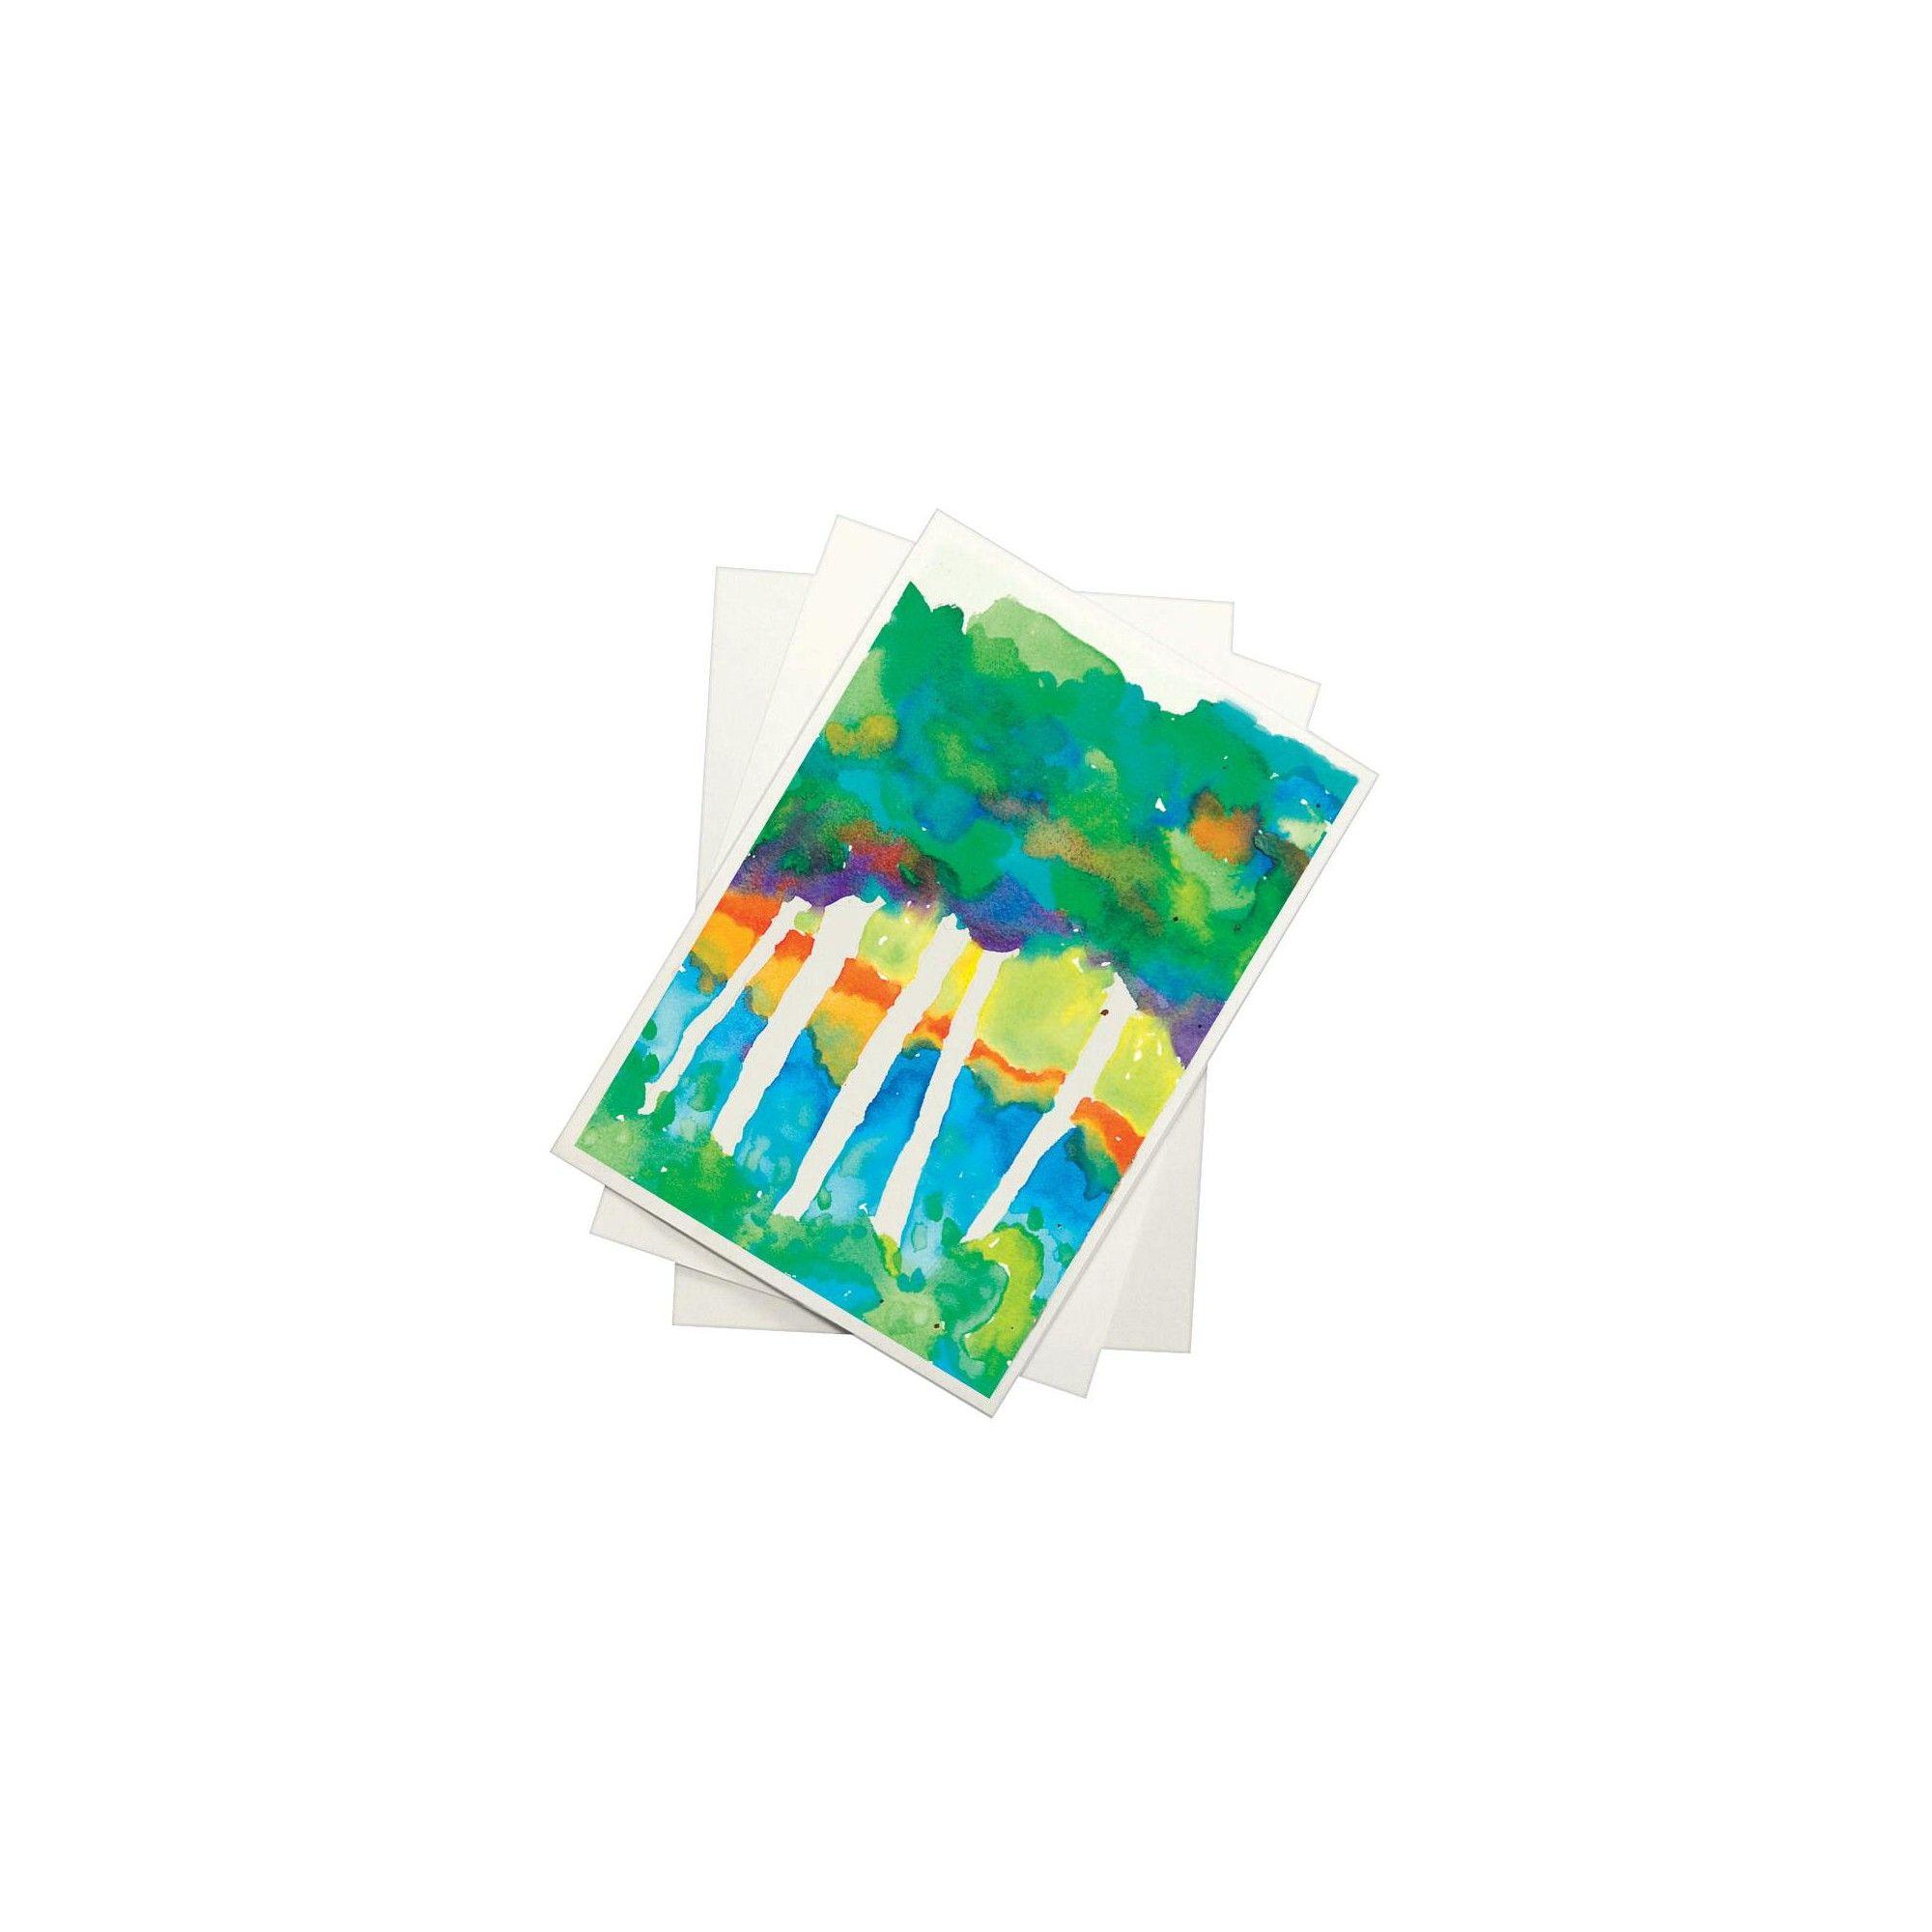 Sax Halifax Cold Press Watercolor Paper 11 X 15 Inches 90 Lb